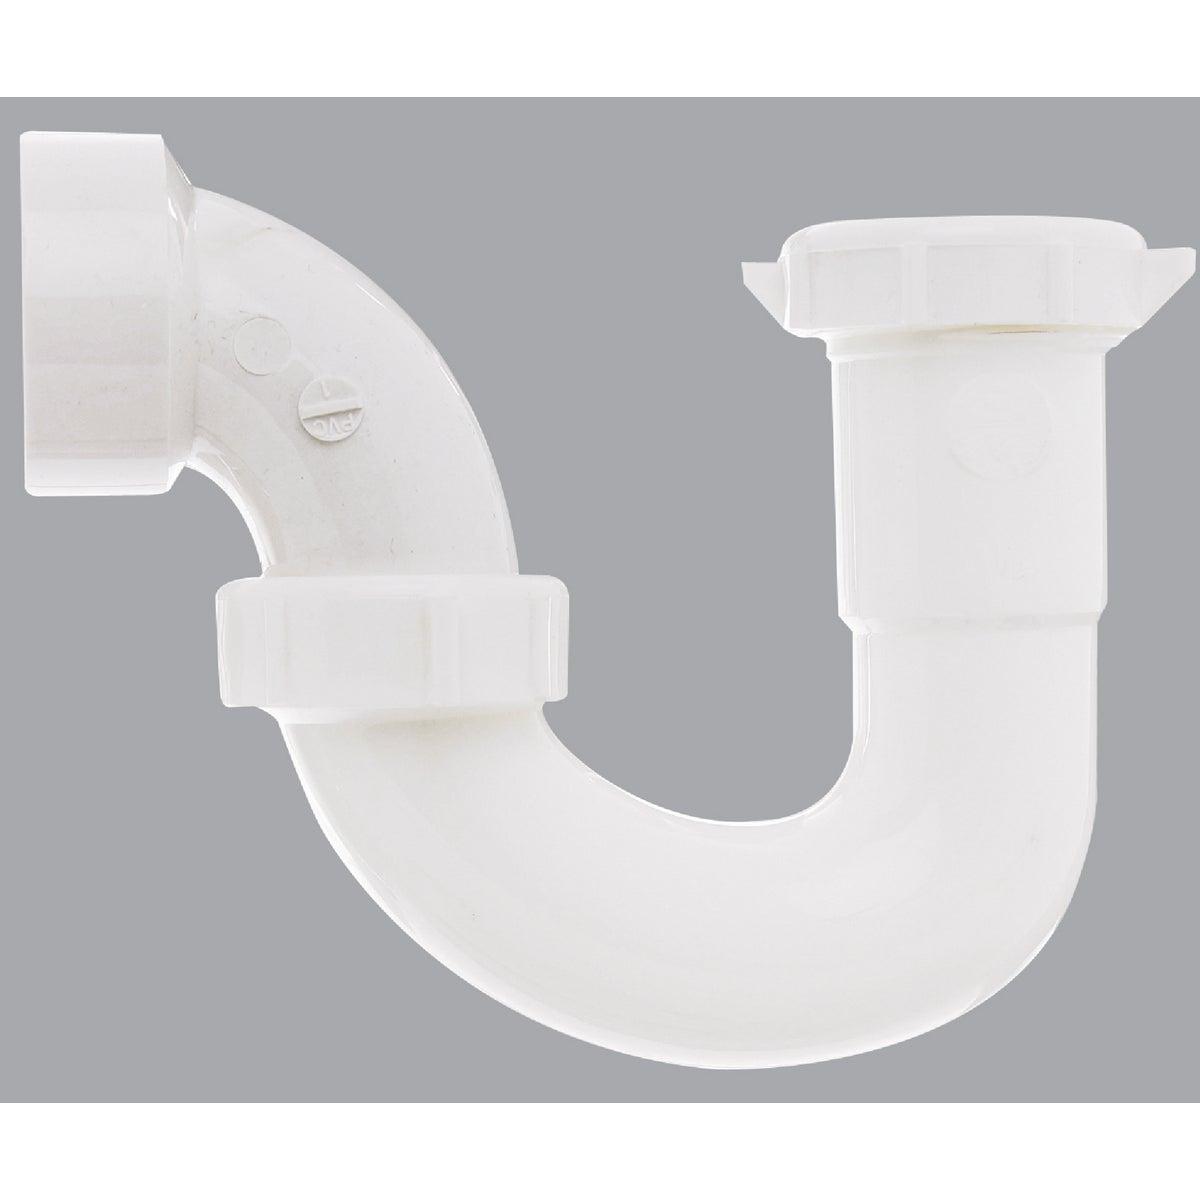 Plumb Pak/Keeney Mfg. 1-1/2 S/J X SOLV P-TRAP 494968